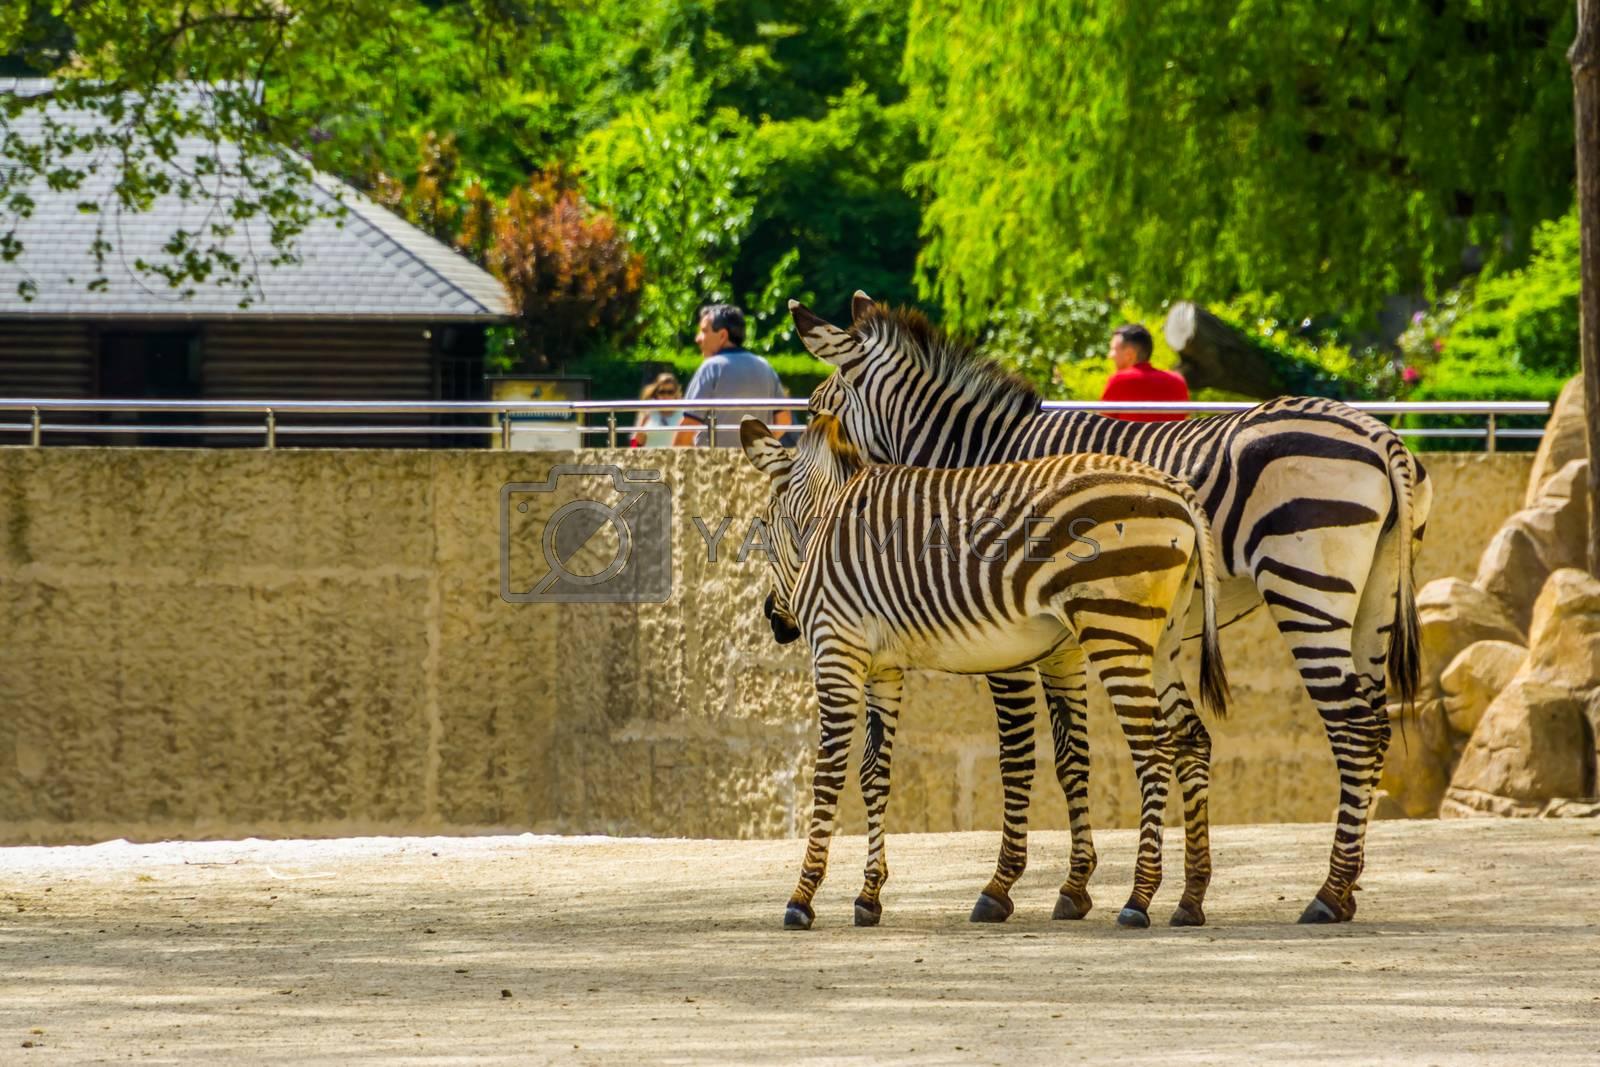 mother and juvenile hartmann's mountain zebra together, Antwerp animal zoo, Antwerpen, Belgium, April 23, 2019